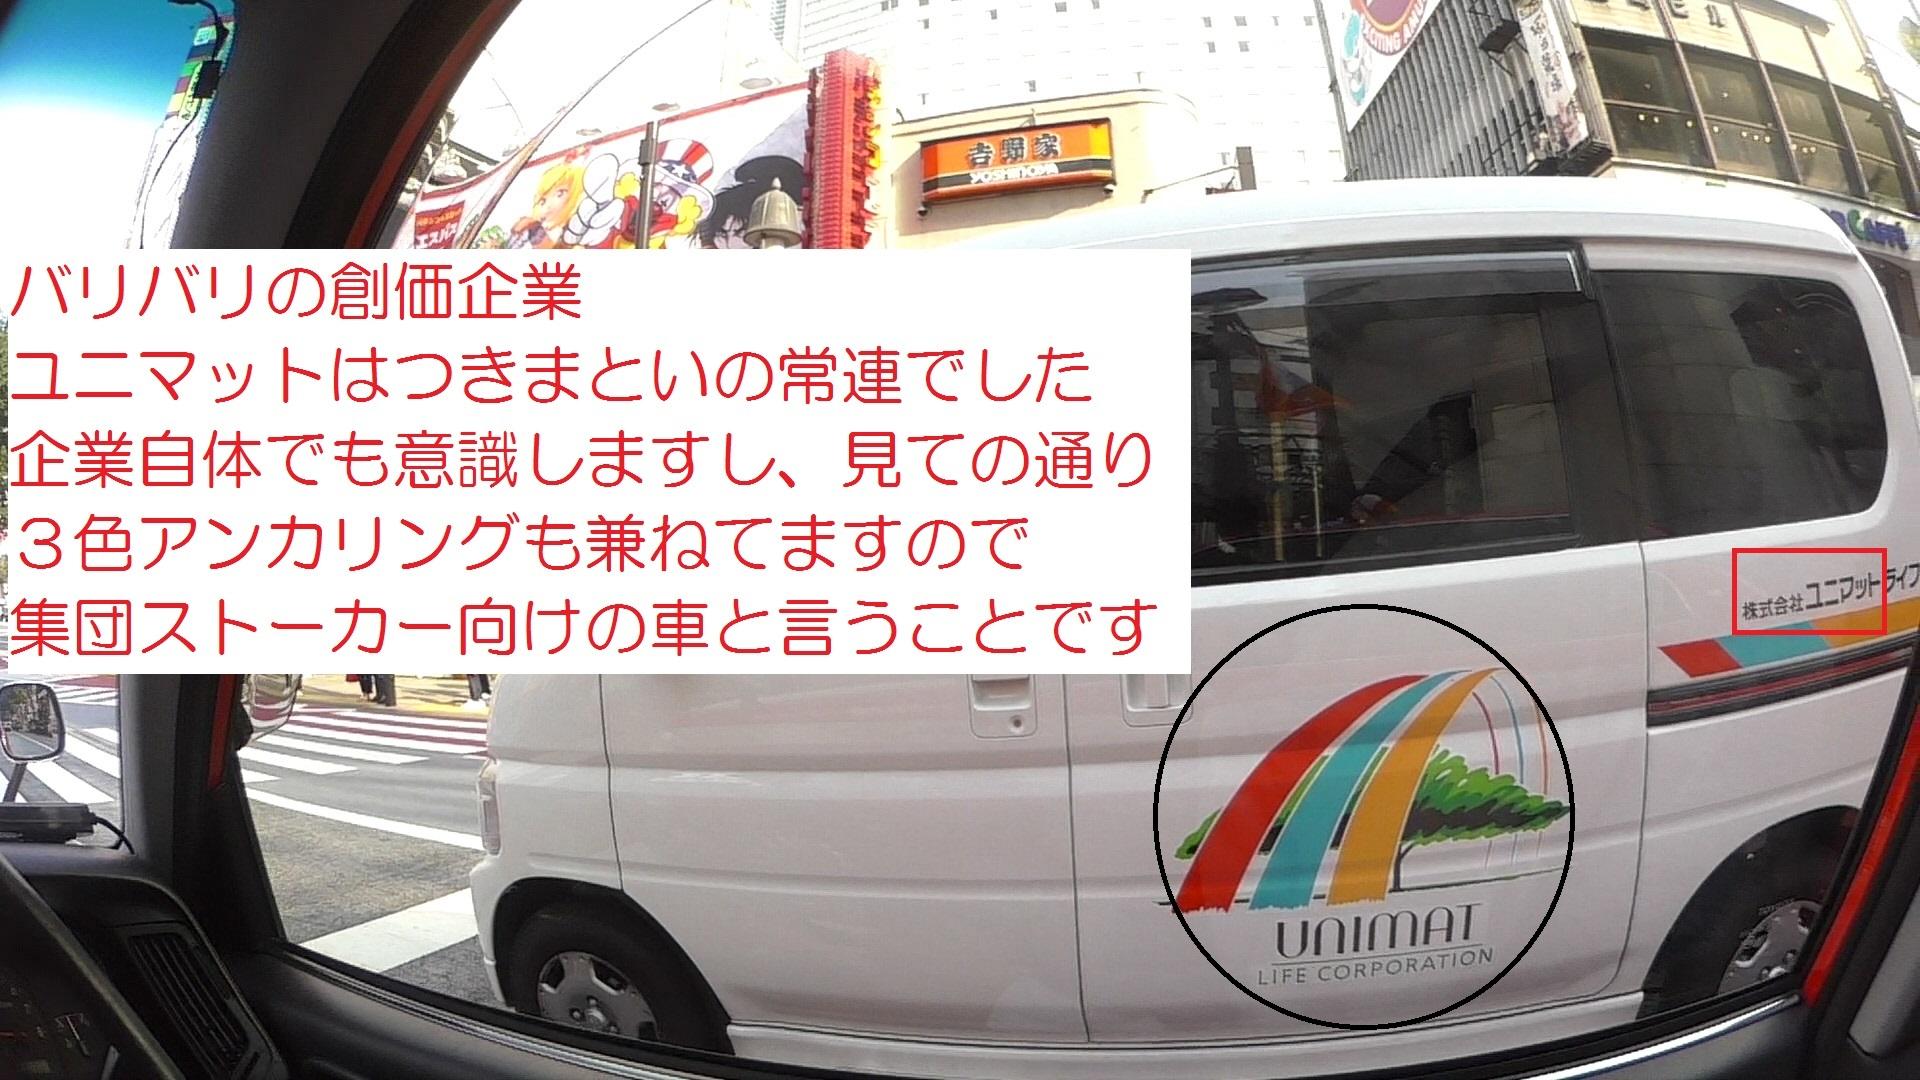 ⑥2016-05-23_赤→赤→マリオカート→刺青男こちら見る→右には創価車両